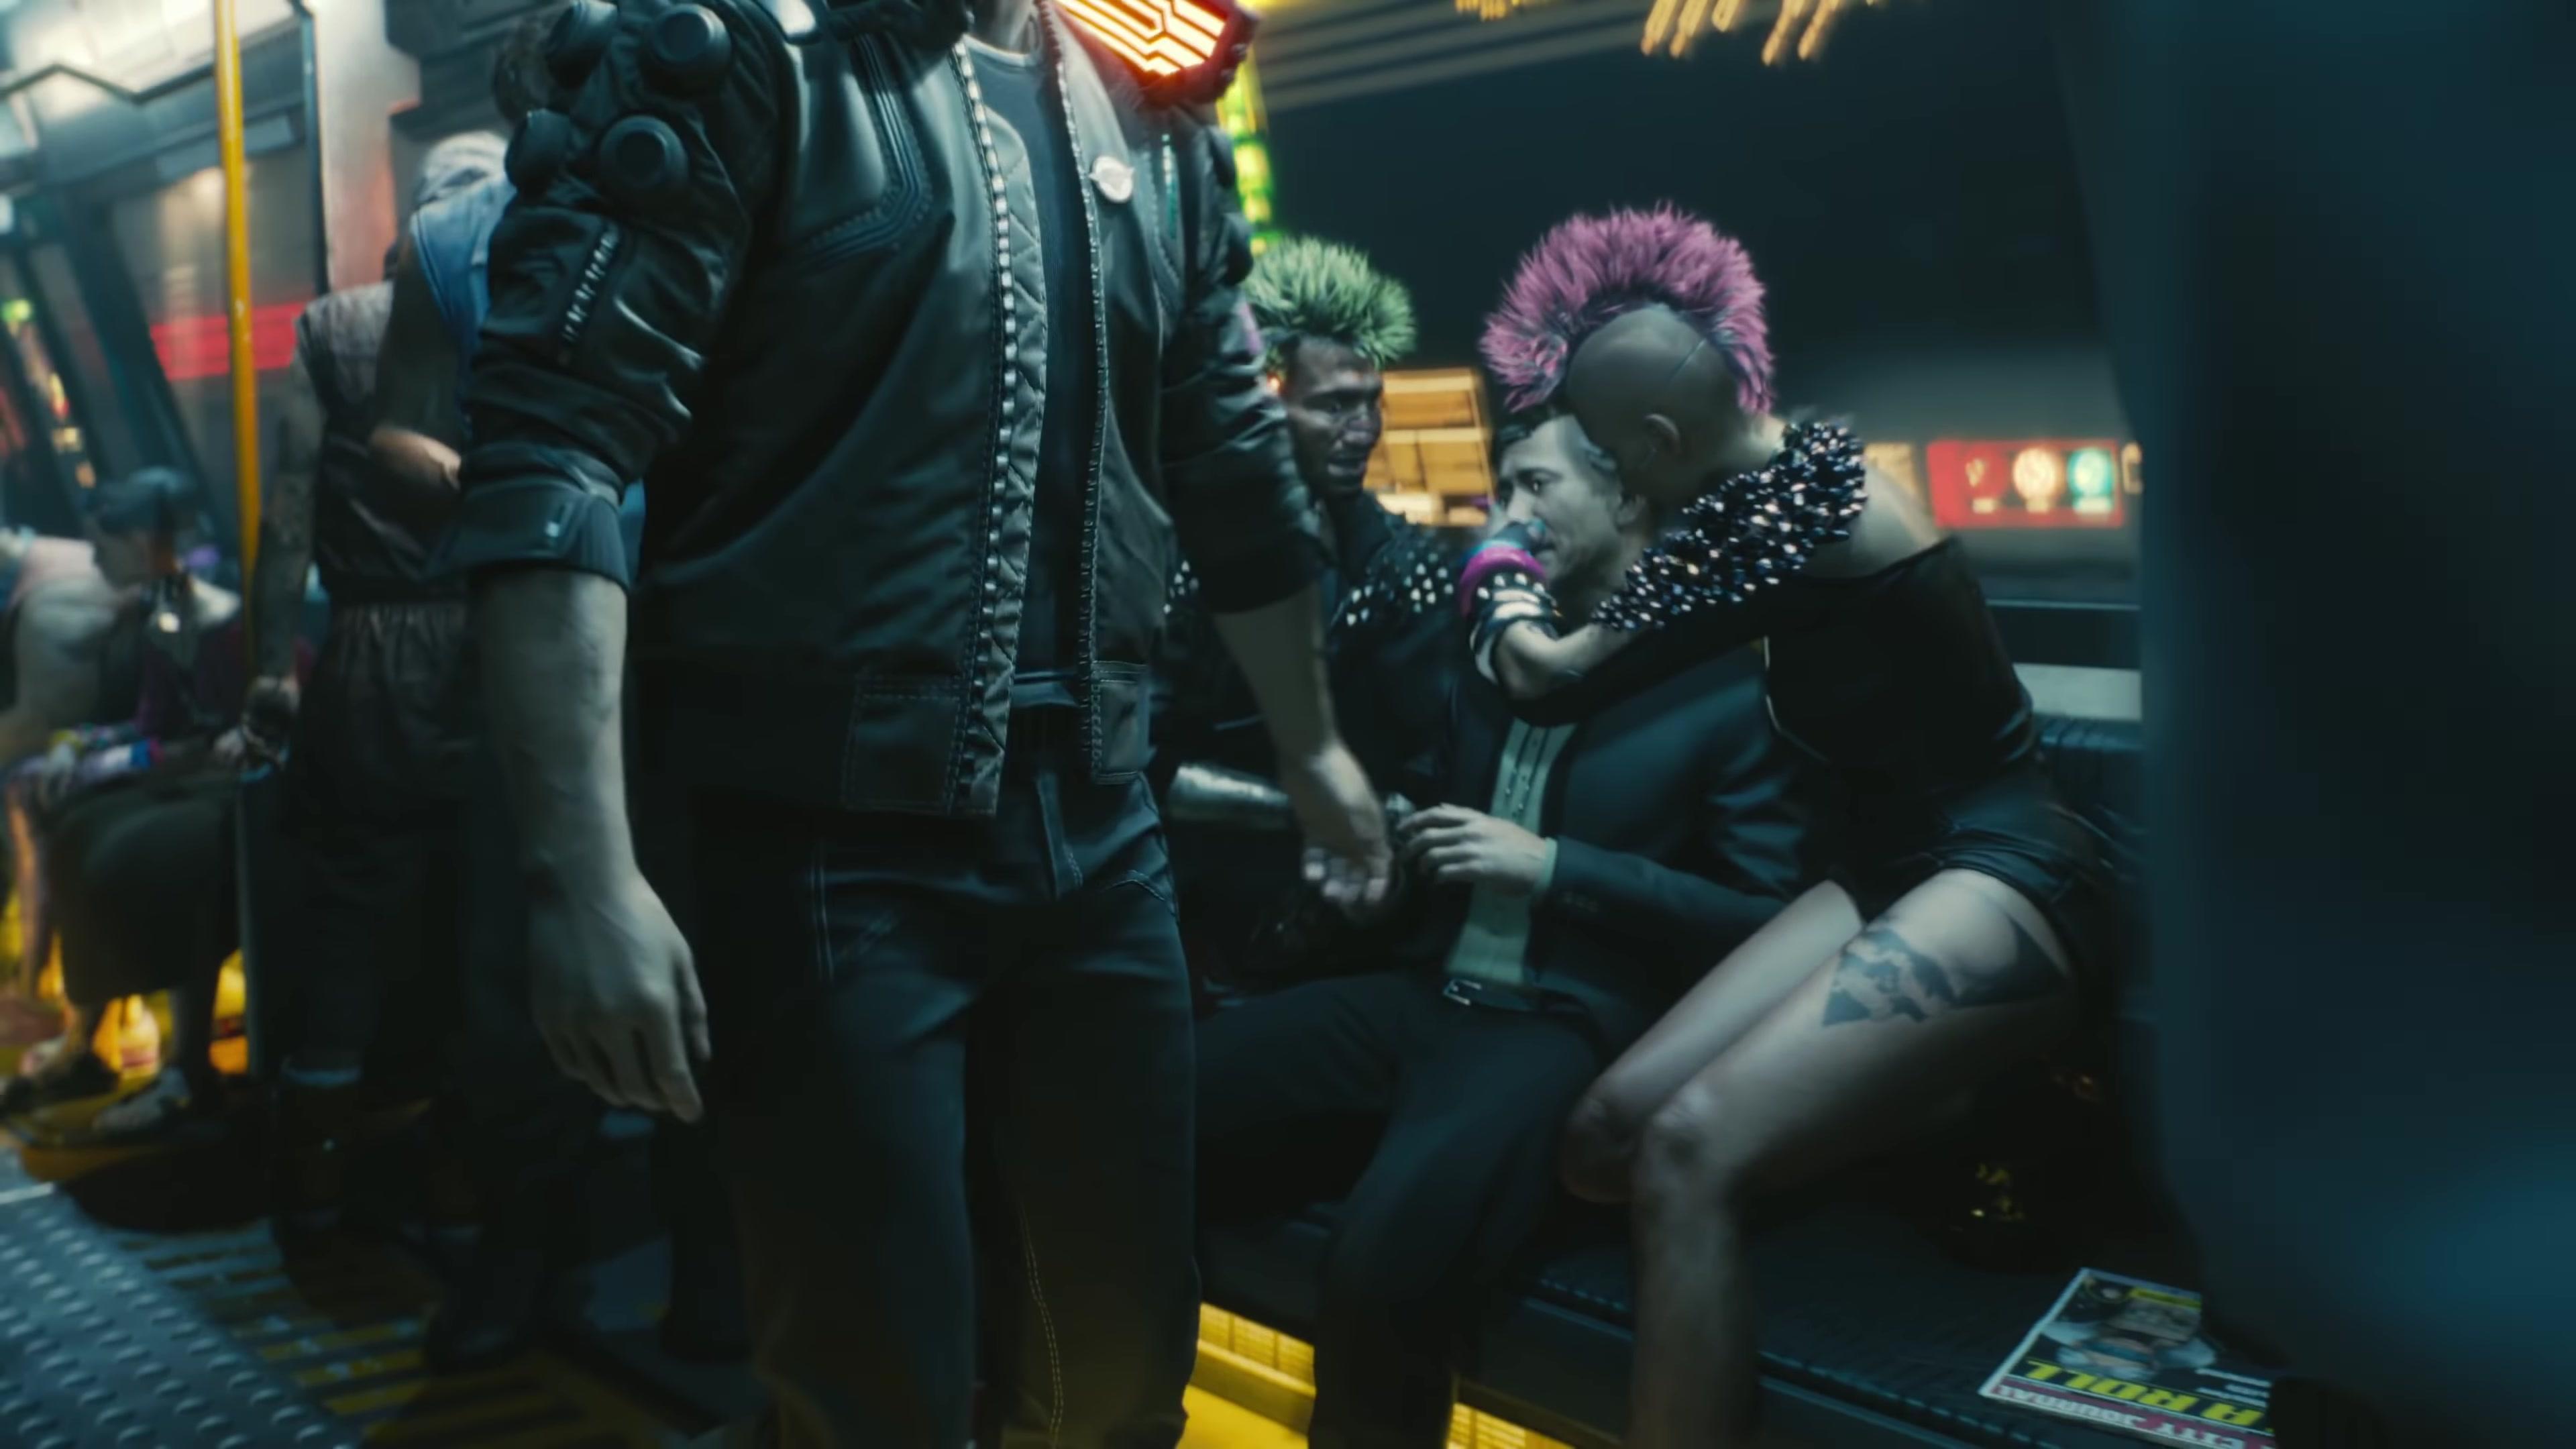 Cyberpunk 2077 018.jpg - Cyberpunk 2077